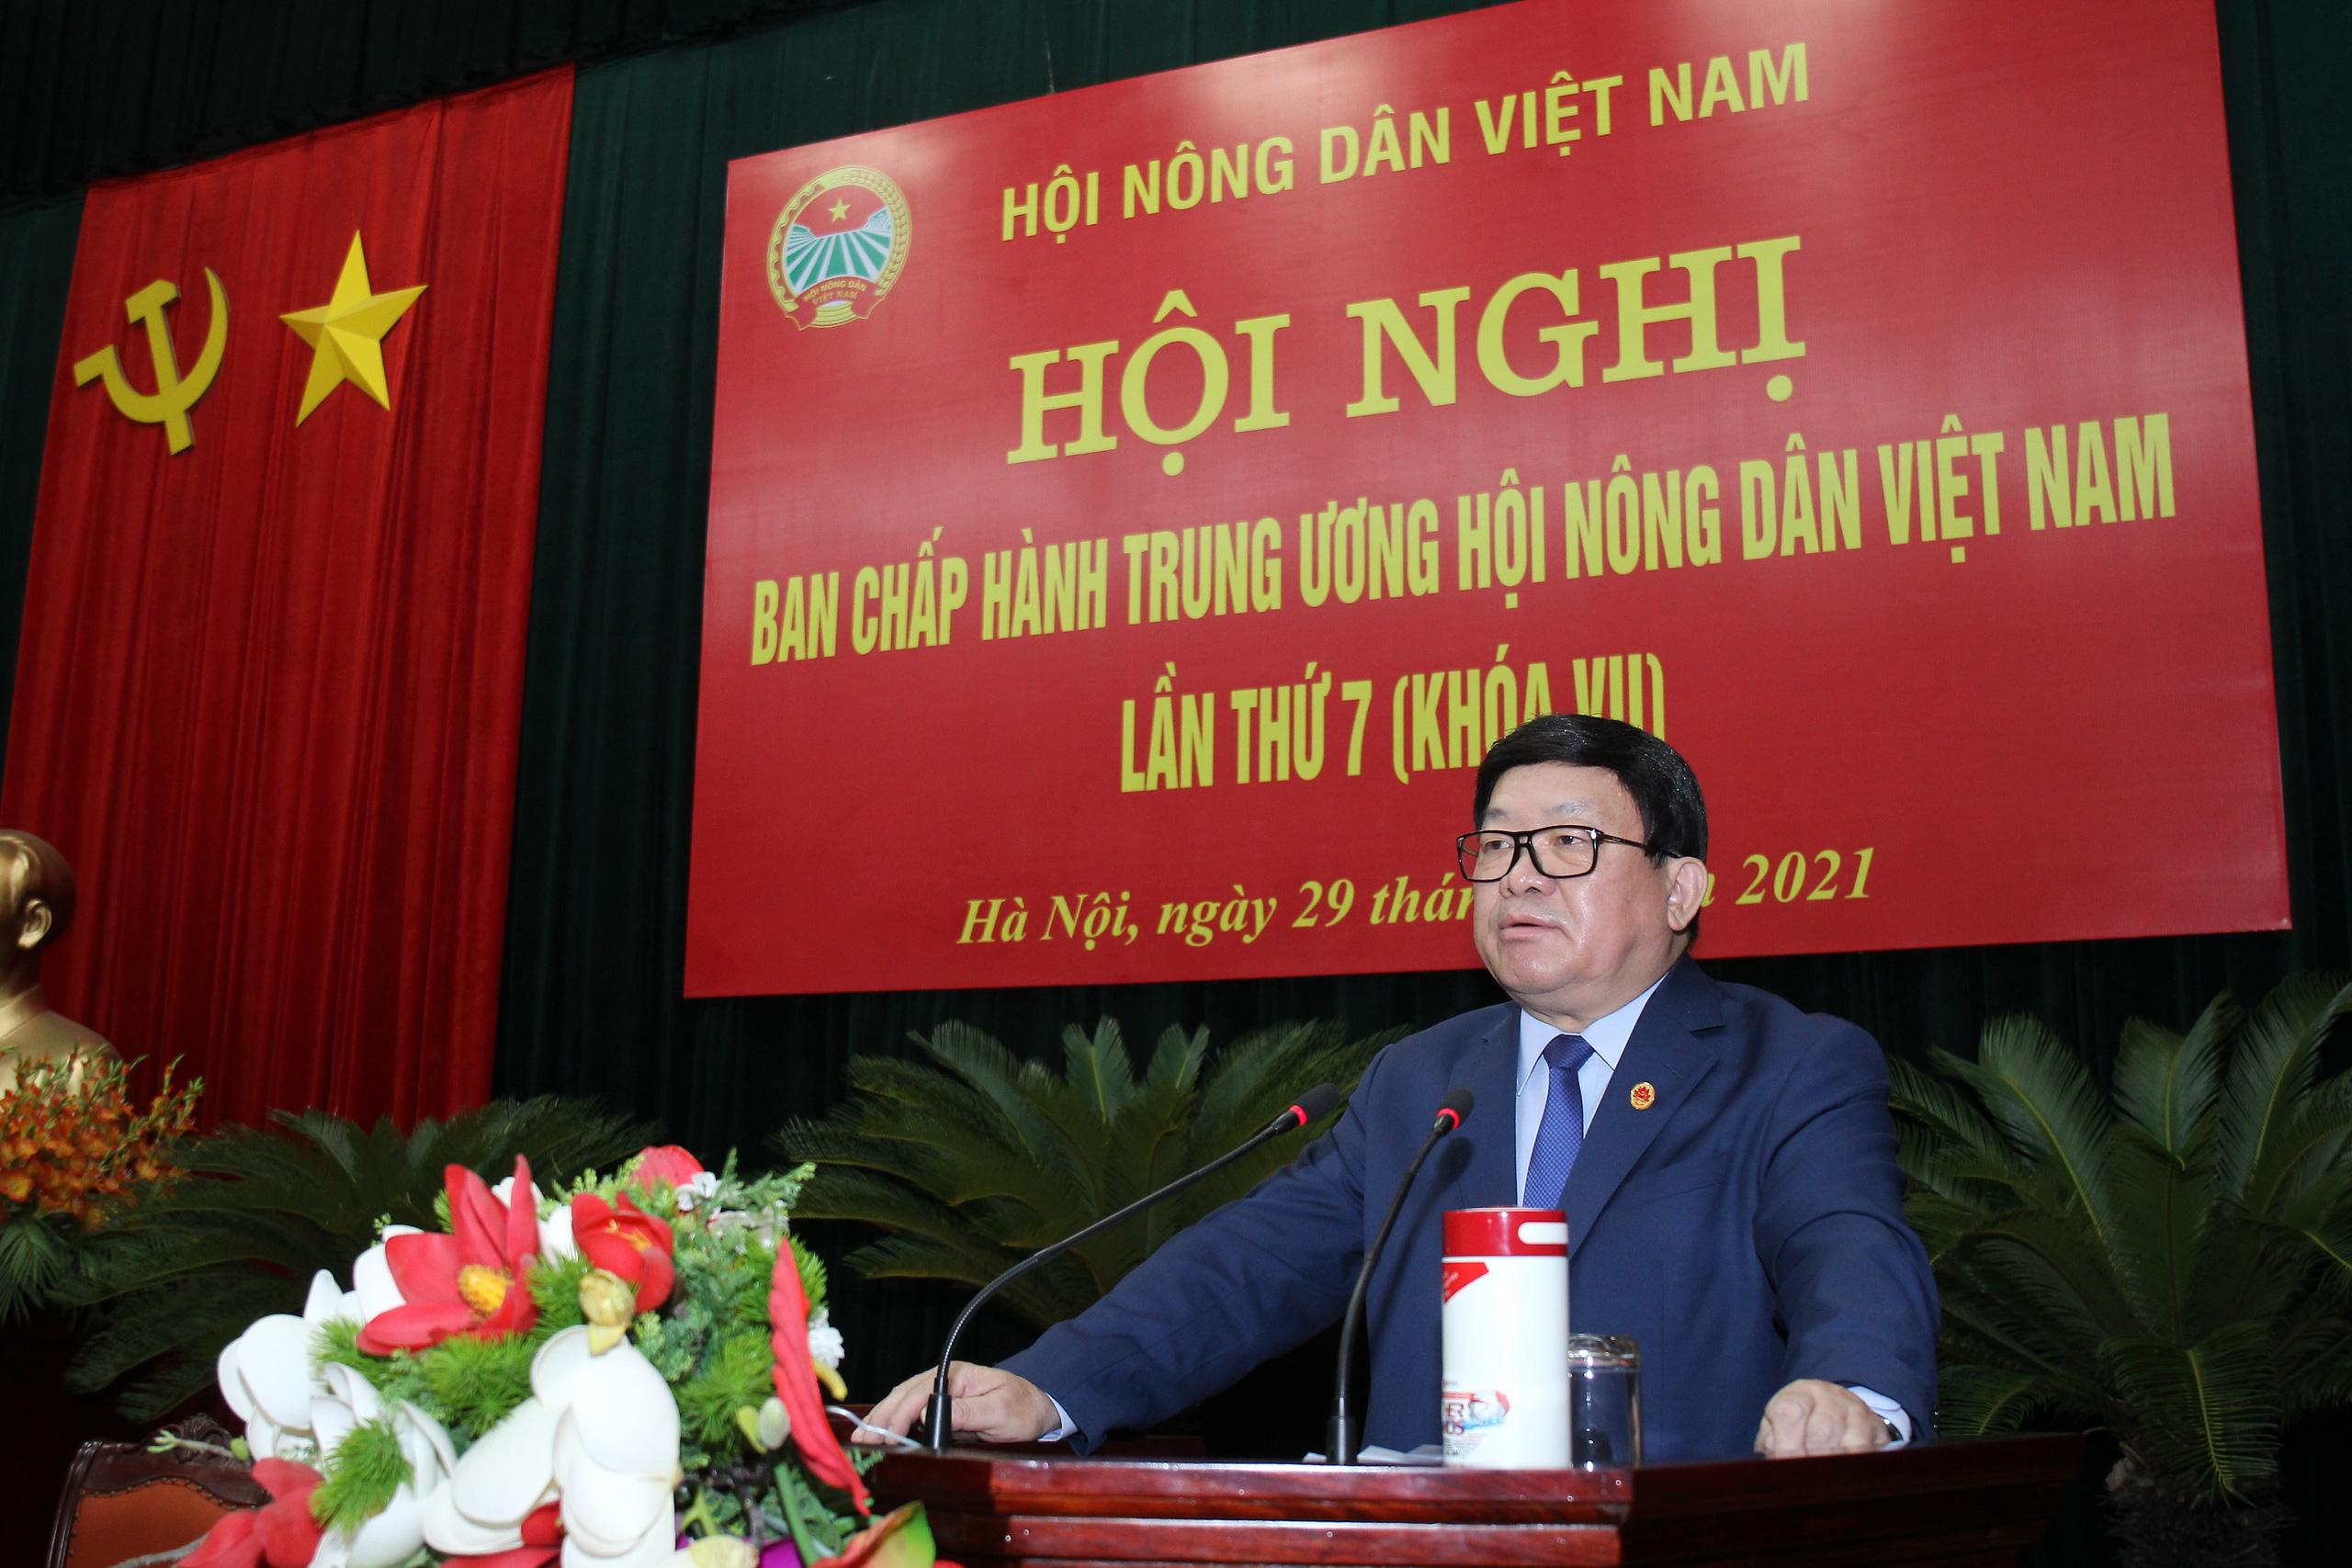 Hôm nay (29/5): Bầu chức danh Chủ tịch T.Ư Hội  Nông dân Việt Nam - Ảnh 1.